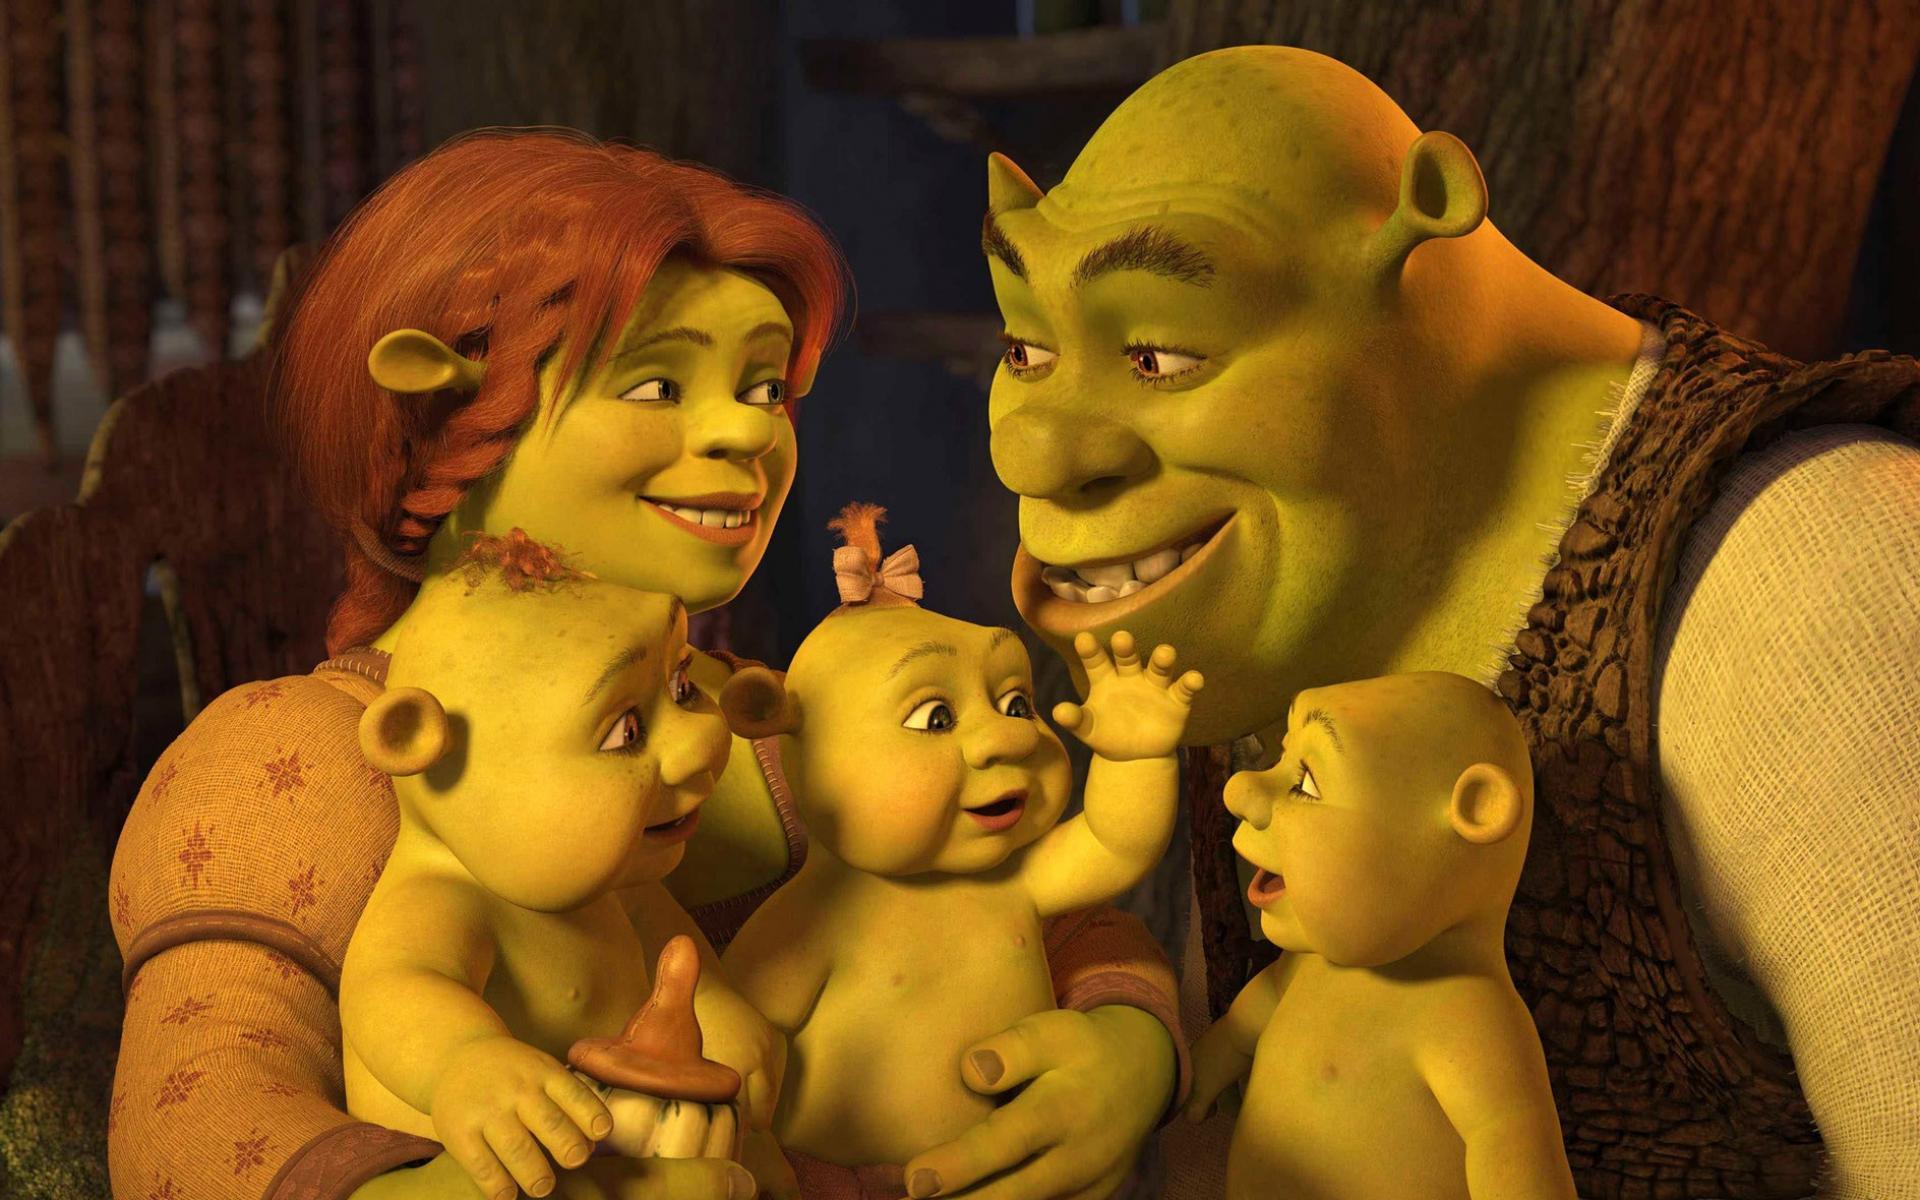 Shrek sexpictures hentia pictures